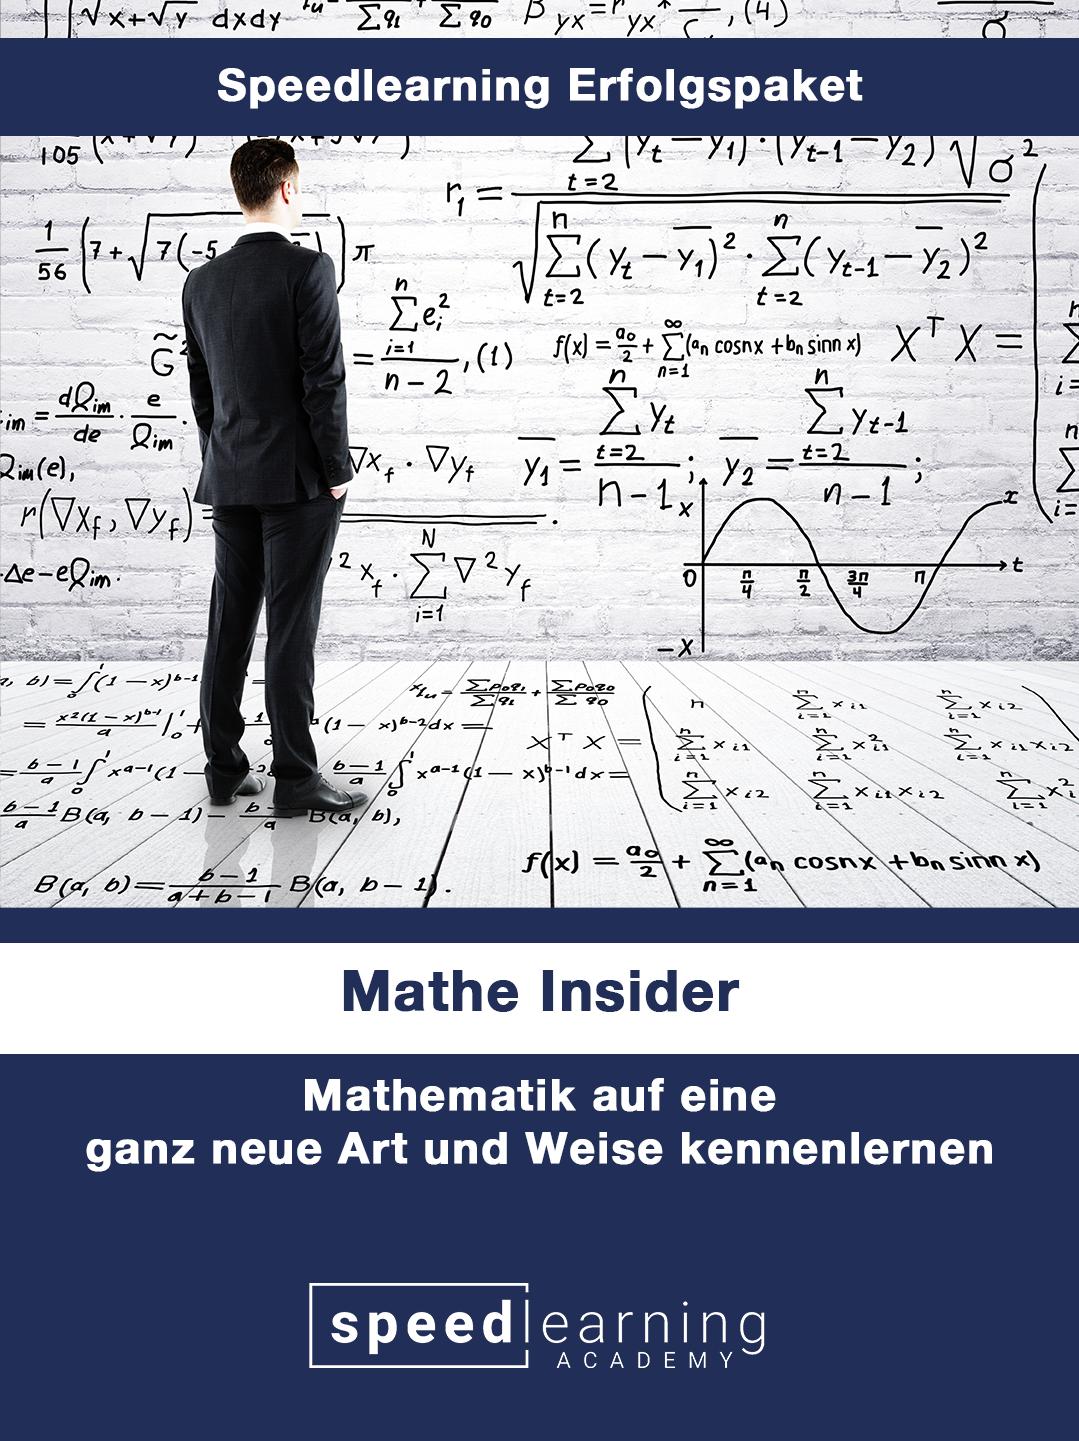 Der Mathe Insider lässt dich Mathematik auf eine ganz neue Art und Weise erfahren